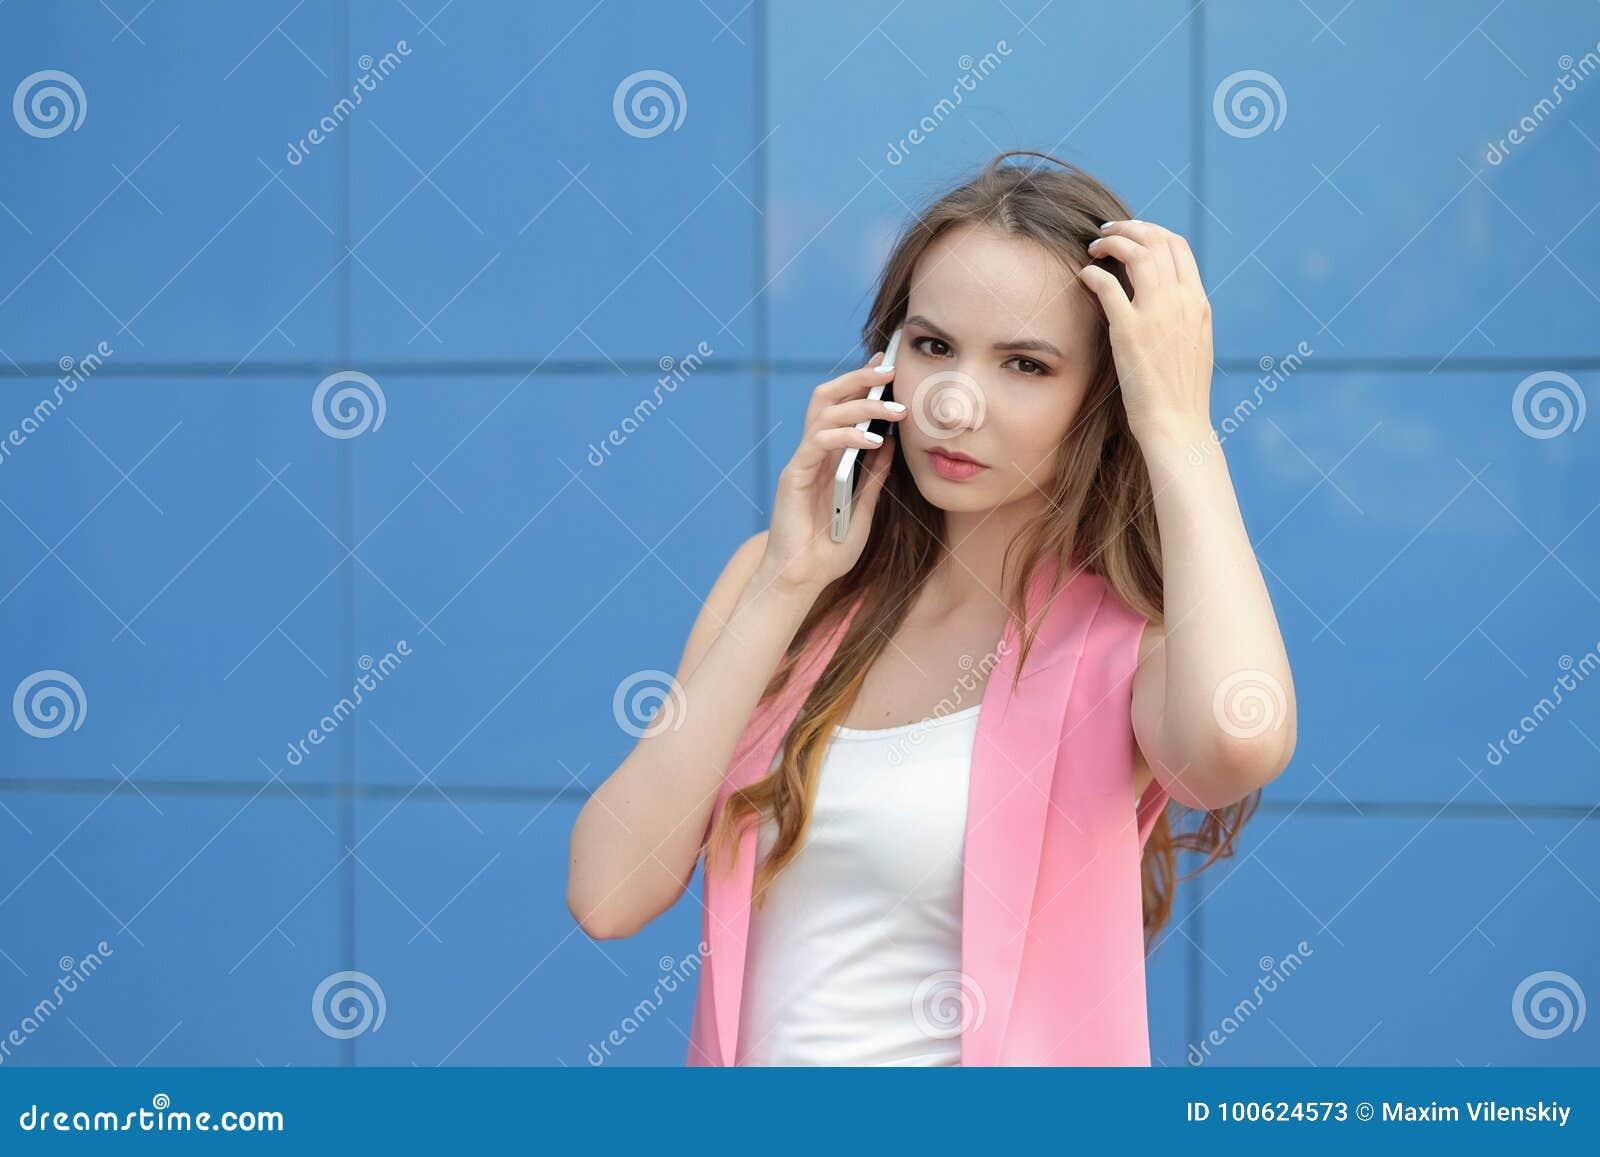 Porträt des lächelnden schönen Abschlusses der jungen Frau oben mit dem Handy im Freien